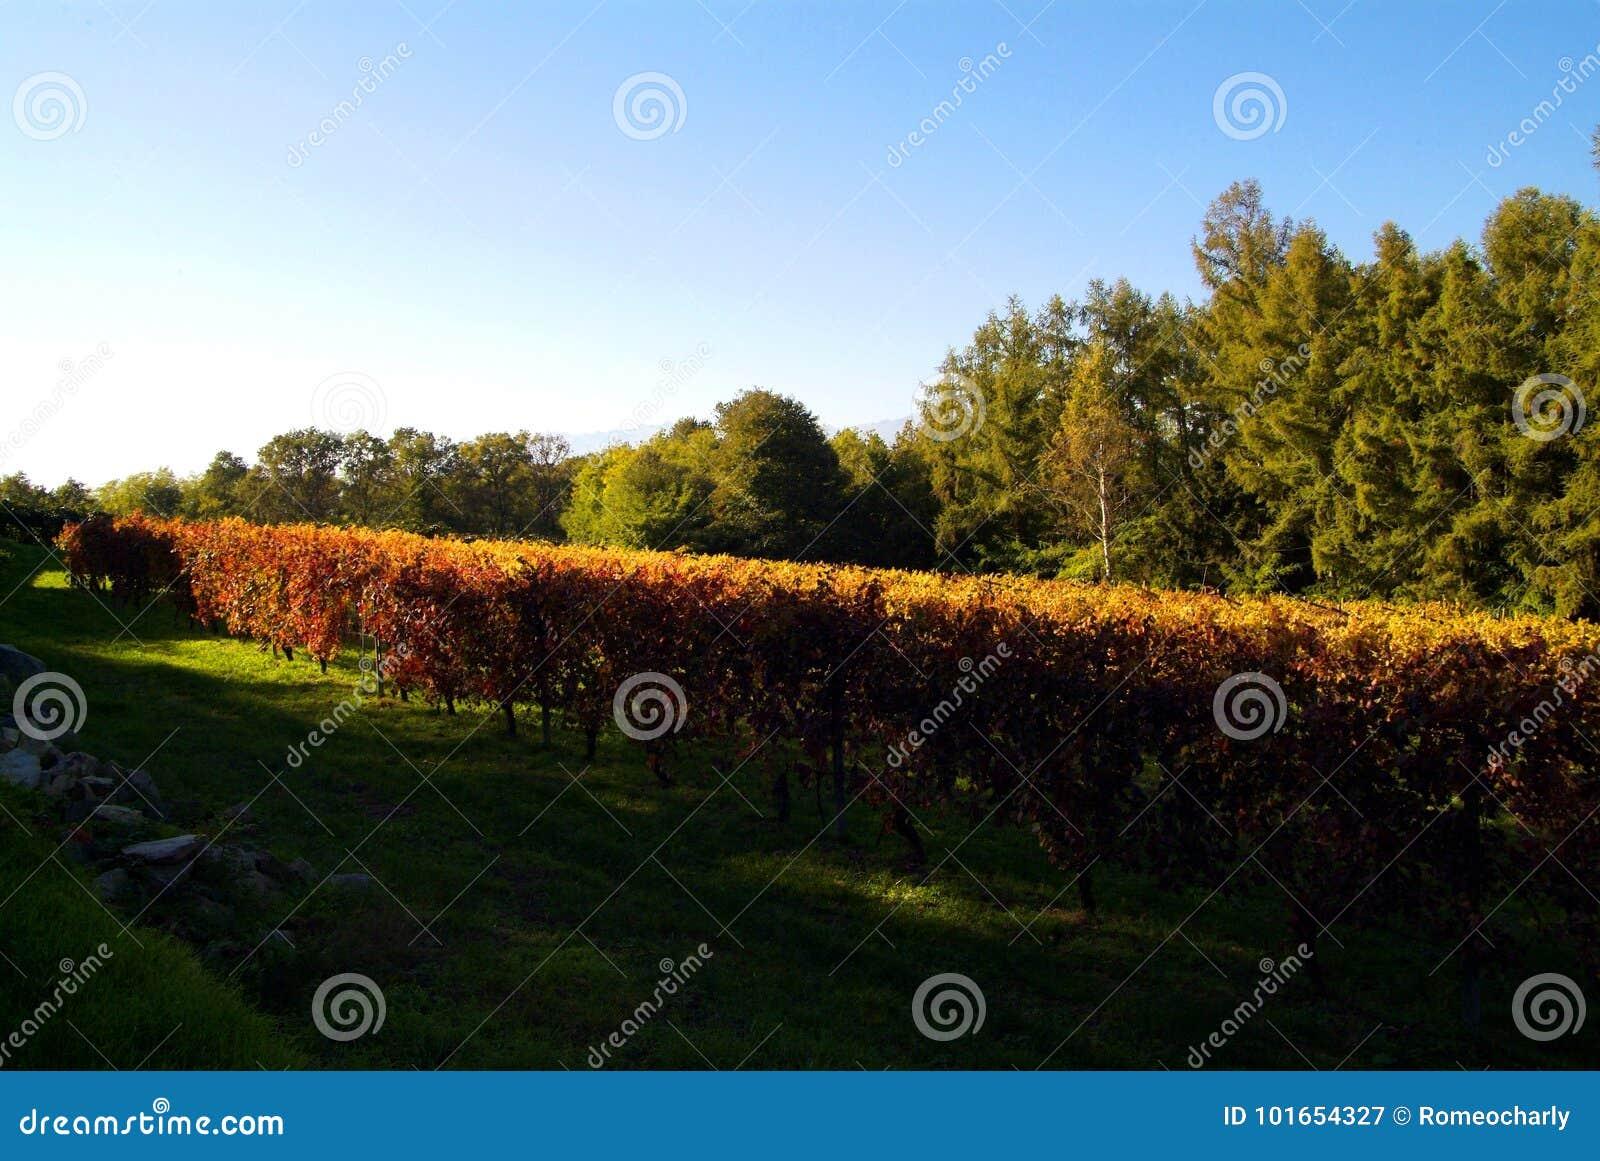 Bello Autumn Landscape With Multi-Colored Lines delle vigne delle vigne Autumn Color Vineyard